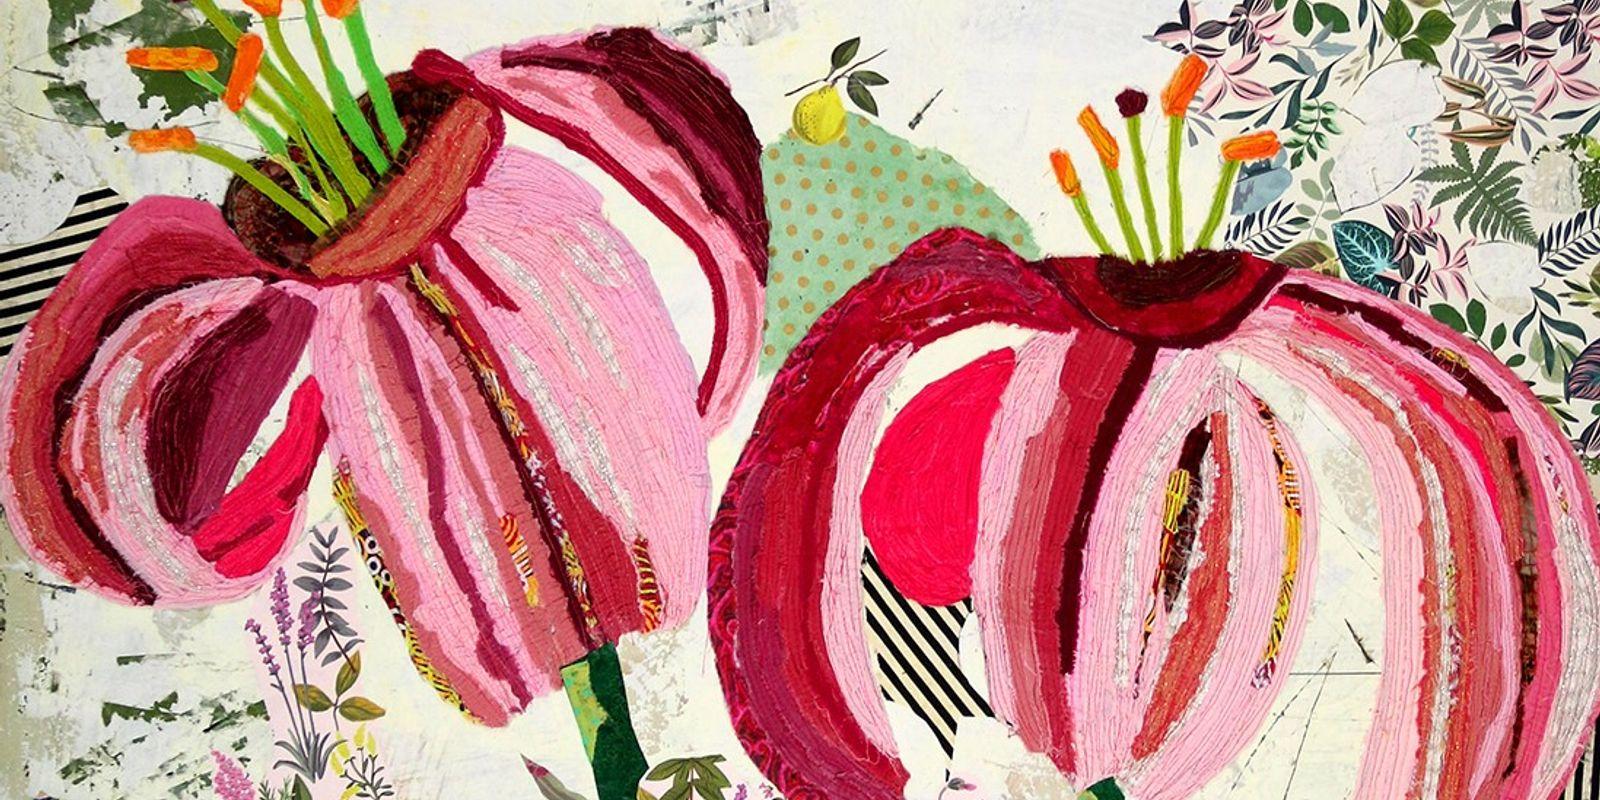 Wildflowers: Jylian Gustlin – Flora 12